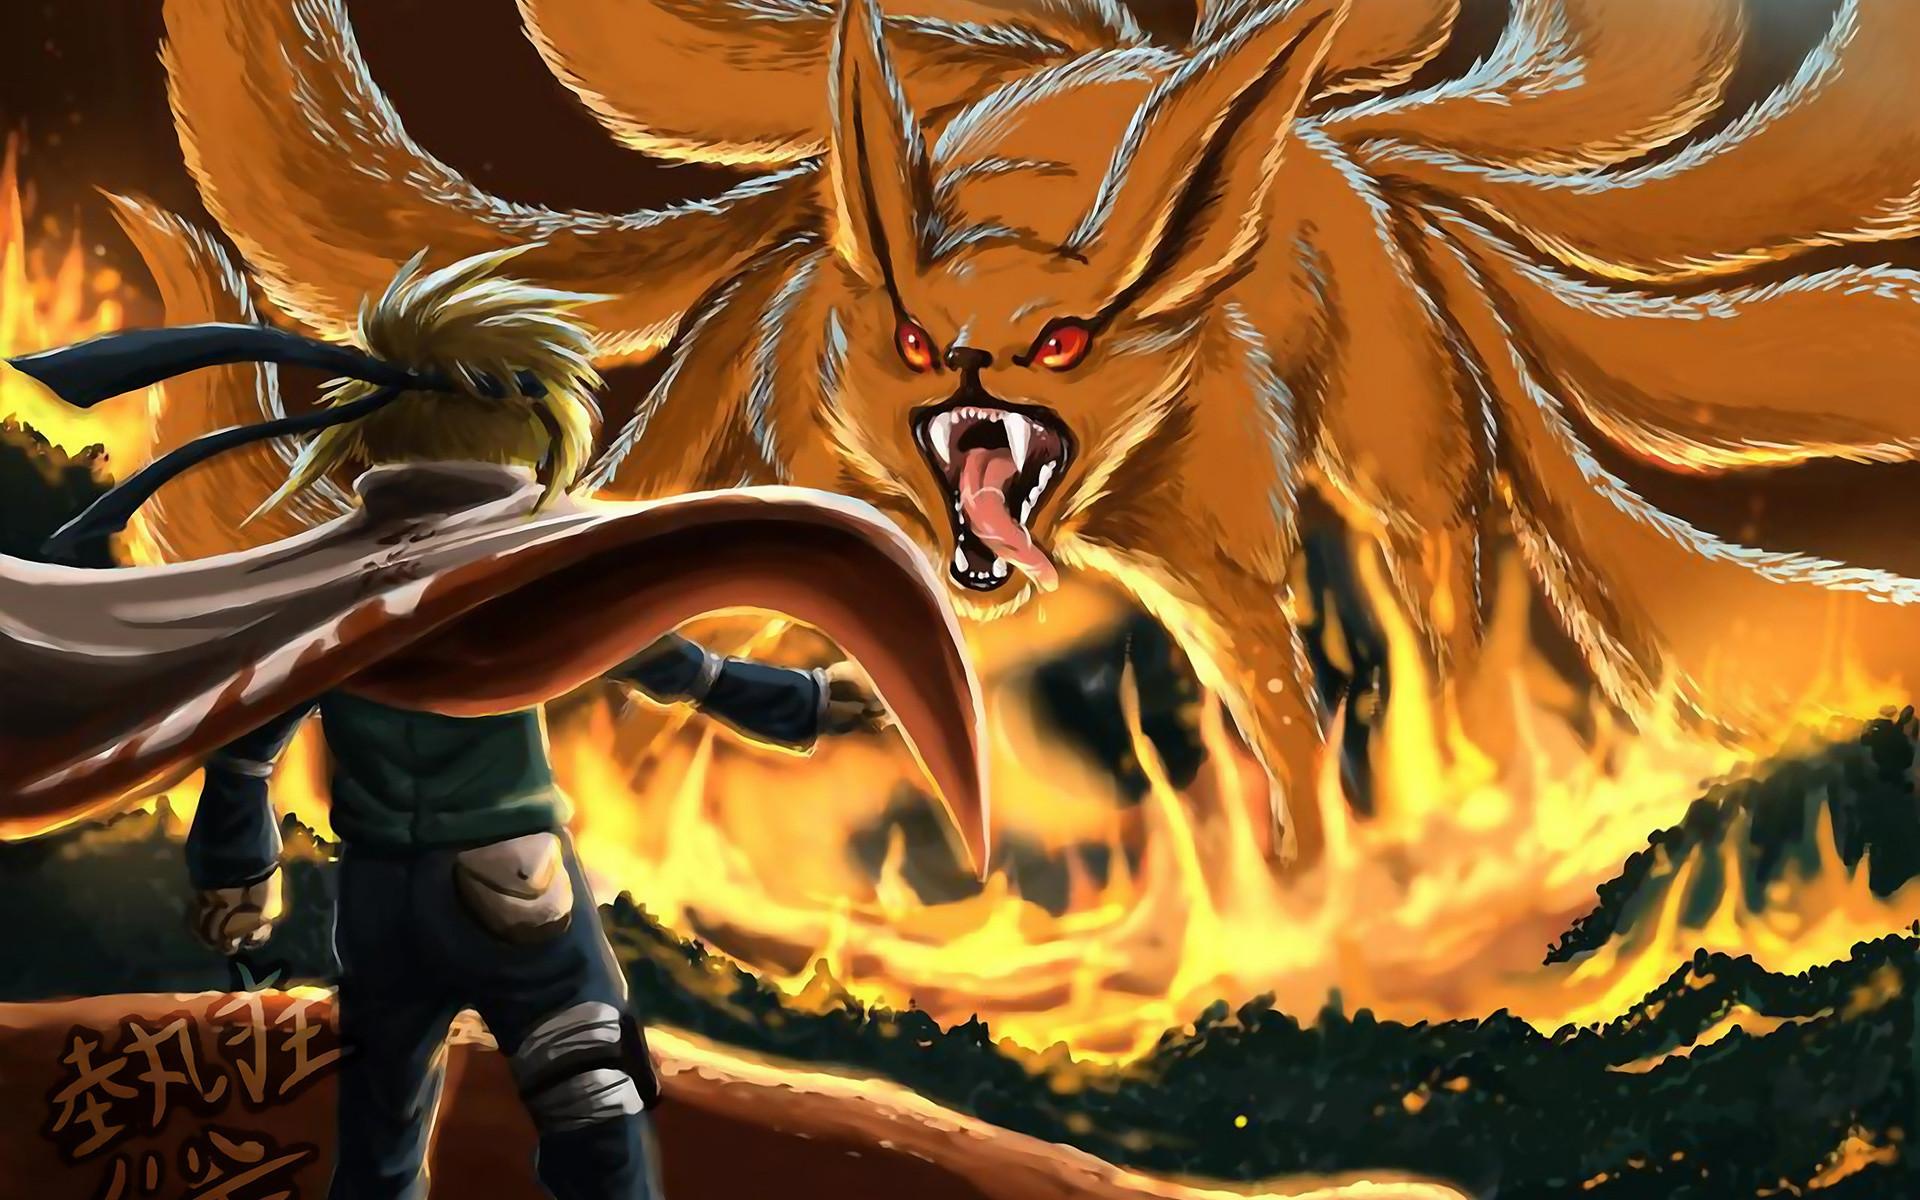 Naruto Shippuden Minato Namikaze vs… Desktop Wallpaper